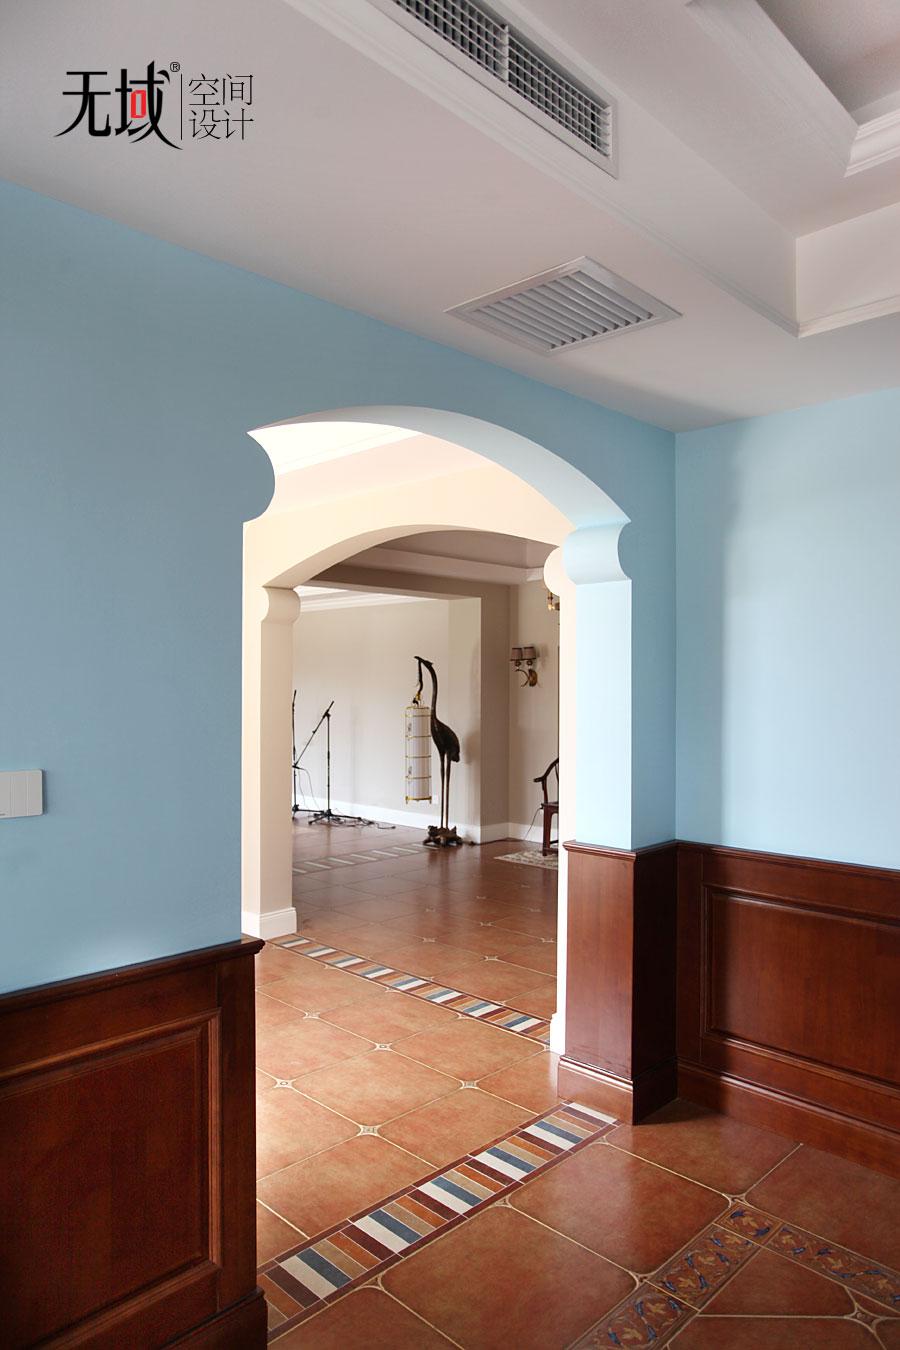 别墅 混搭 收纳 小资 其他图片来自无域空间设计刘艺在一渡新新小镇别墅简美风格设计的分享